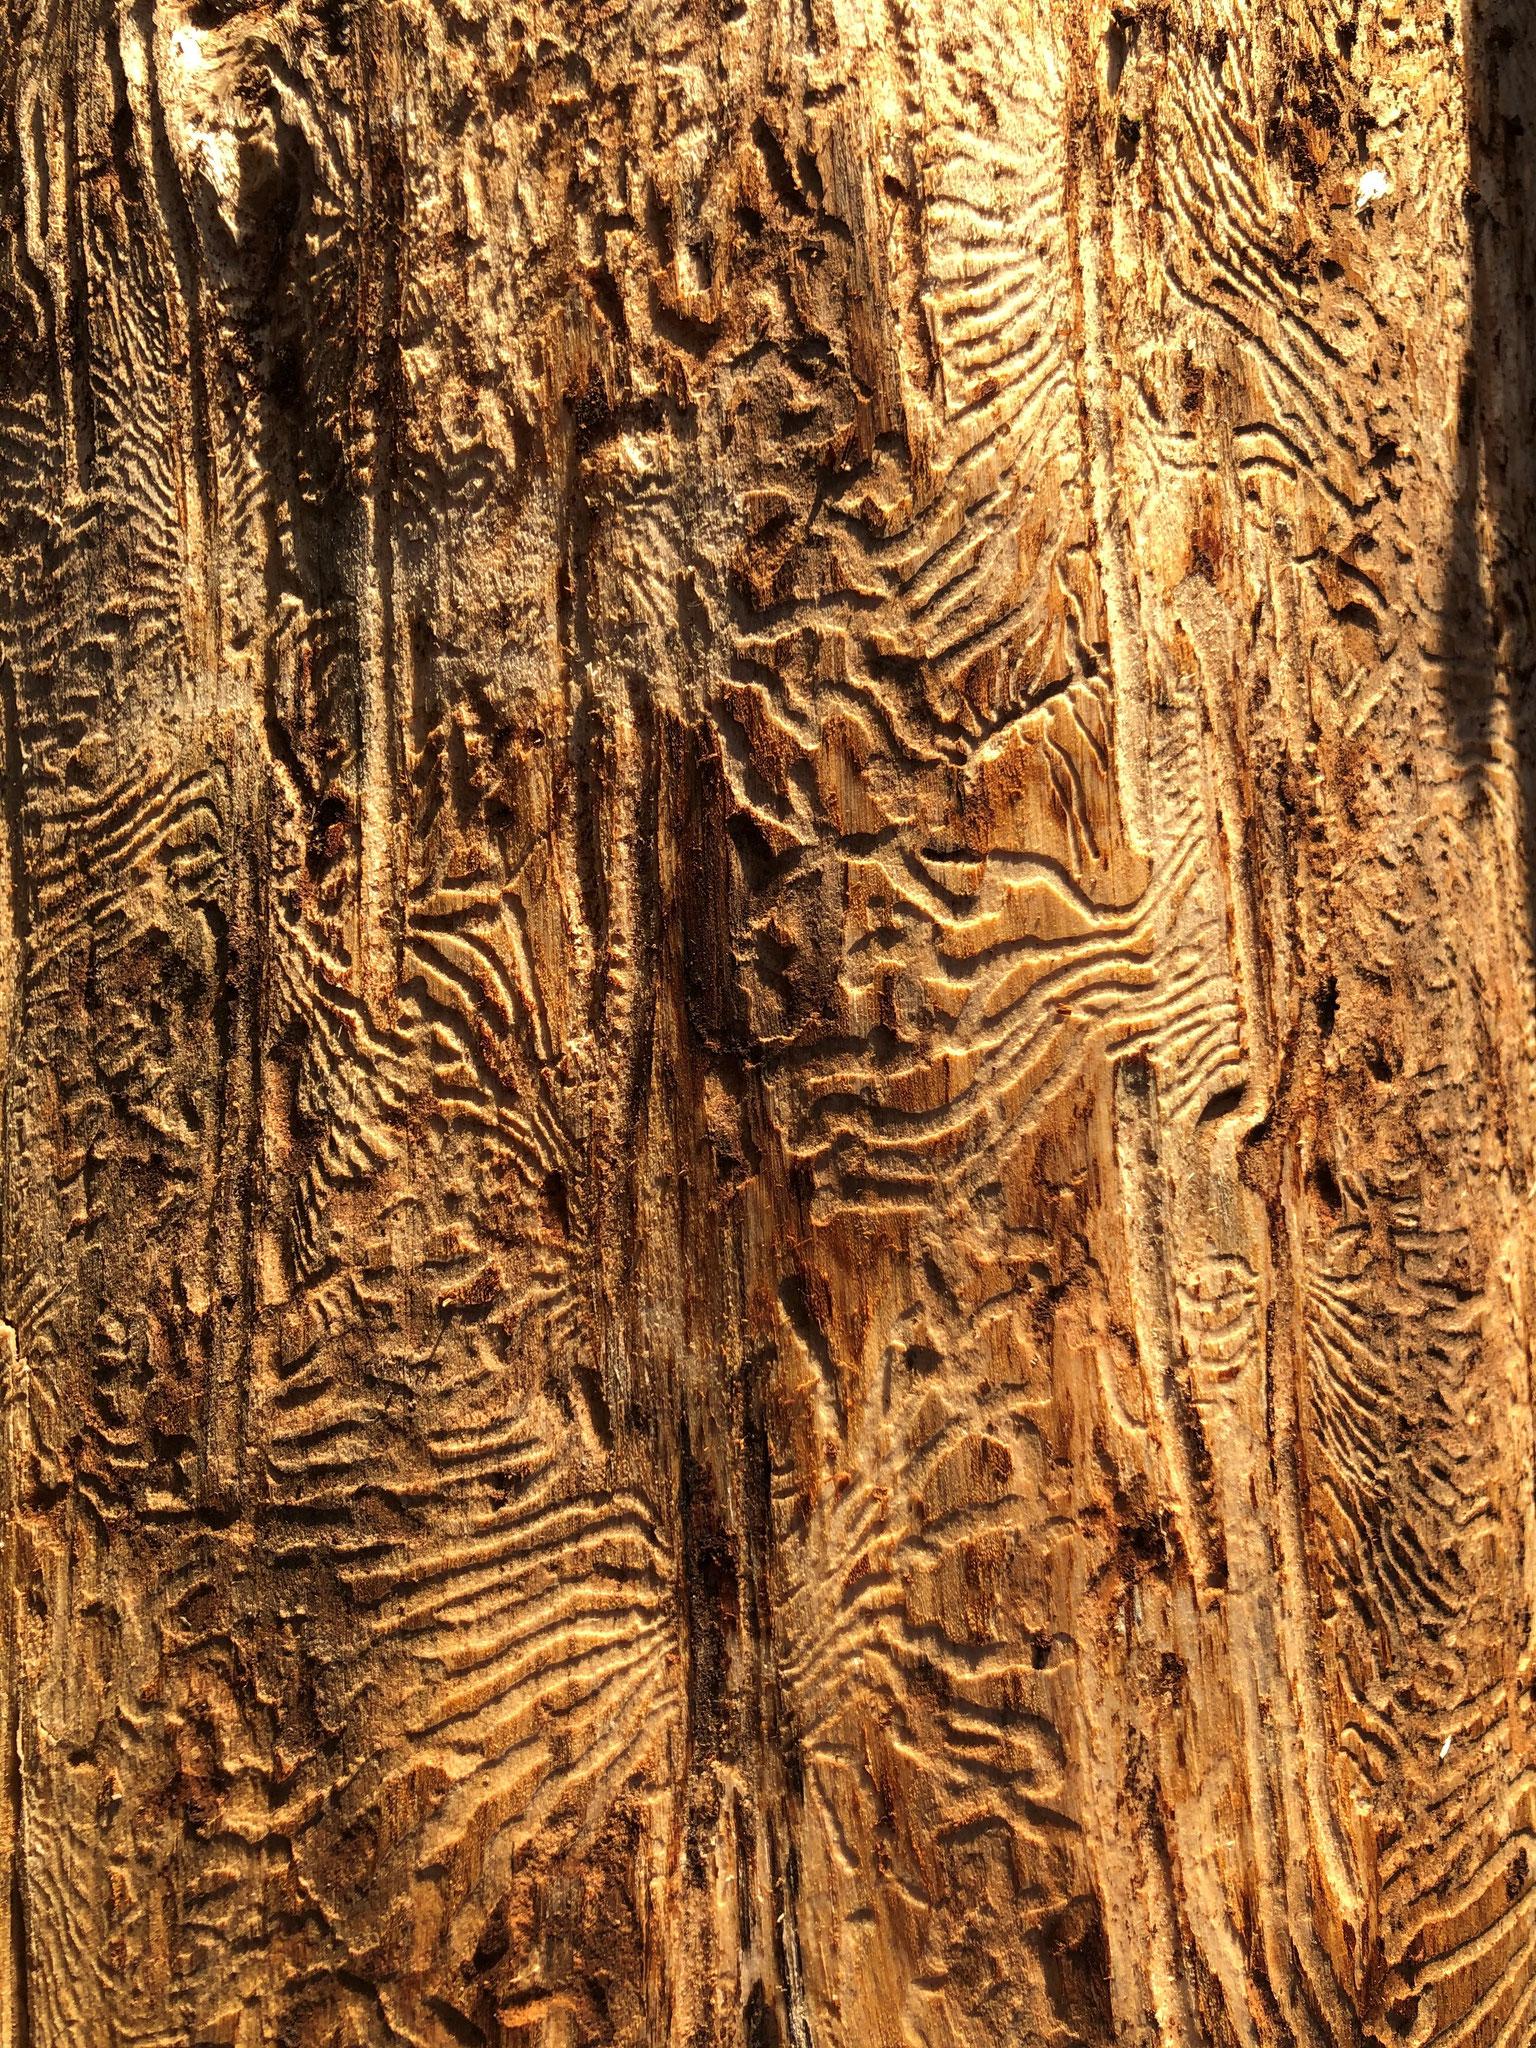 (C) D. Pagendarm: Fraßspuren von Borkenkäfern